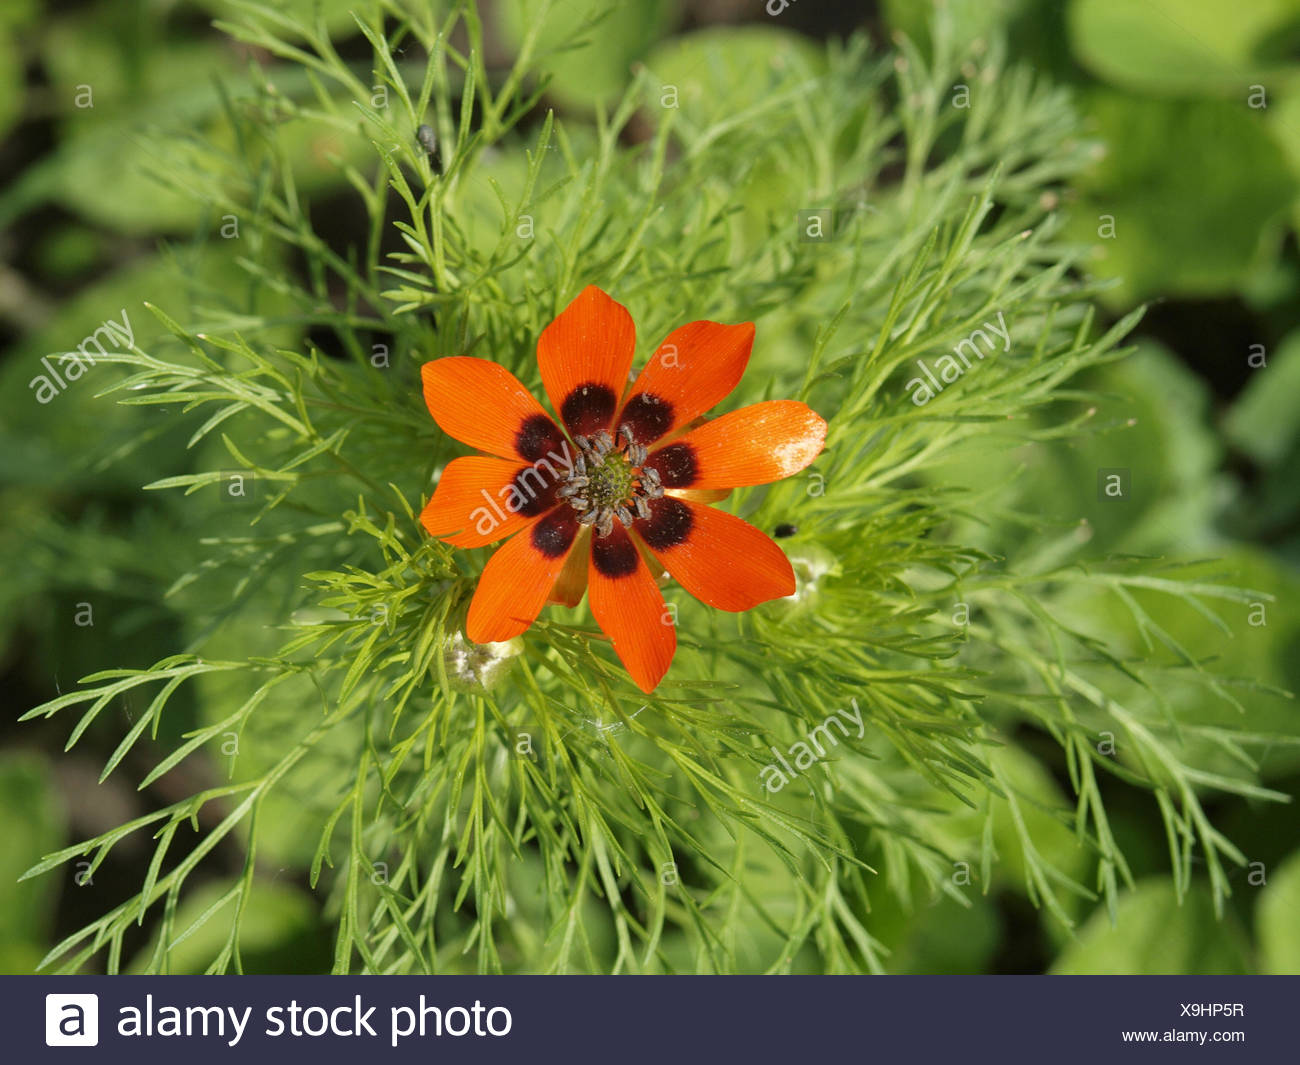 flower 1156673 - Stock Image